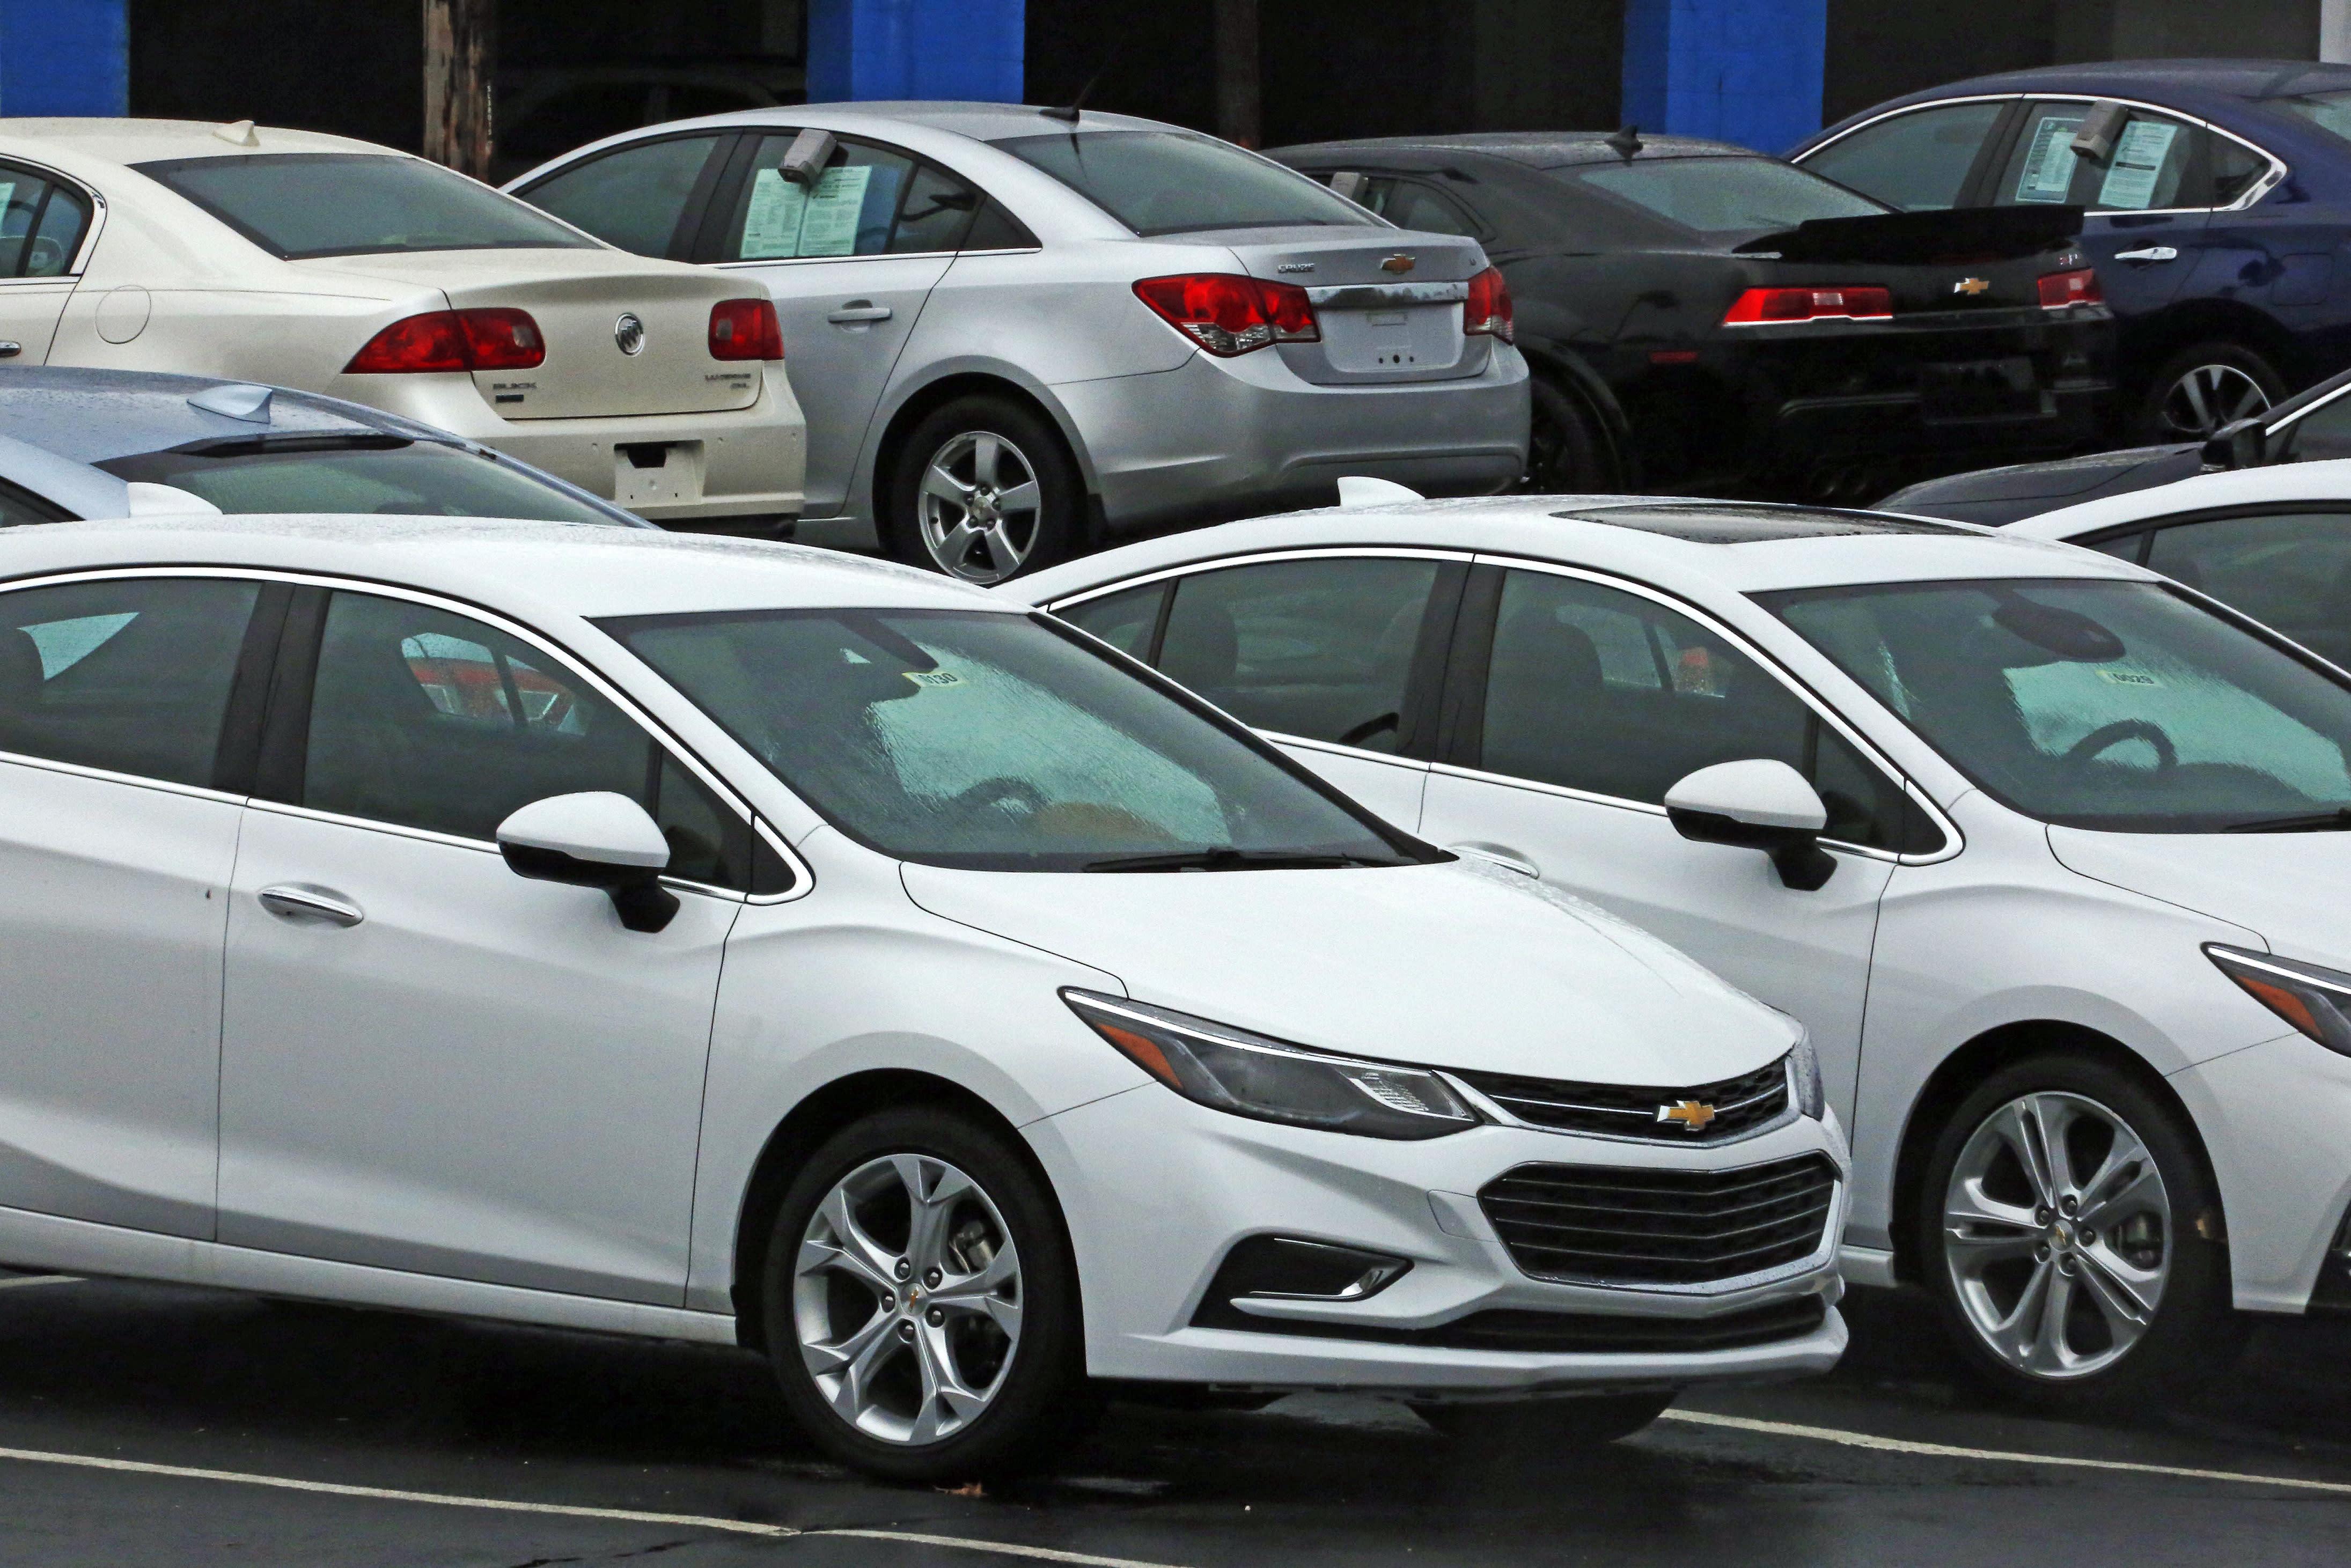 Hyundai motor company yahoo finance - Hyundai Motor Company Yahoo Finance 10